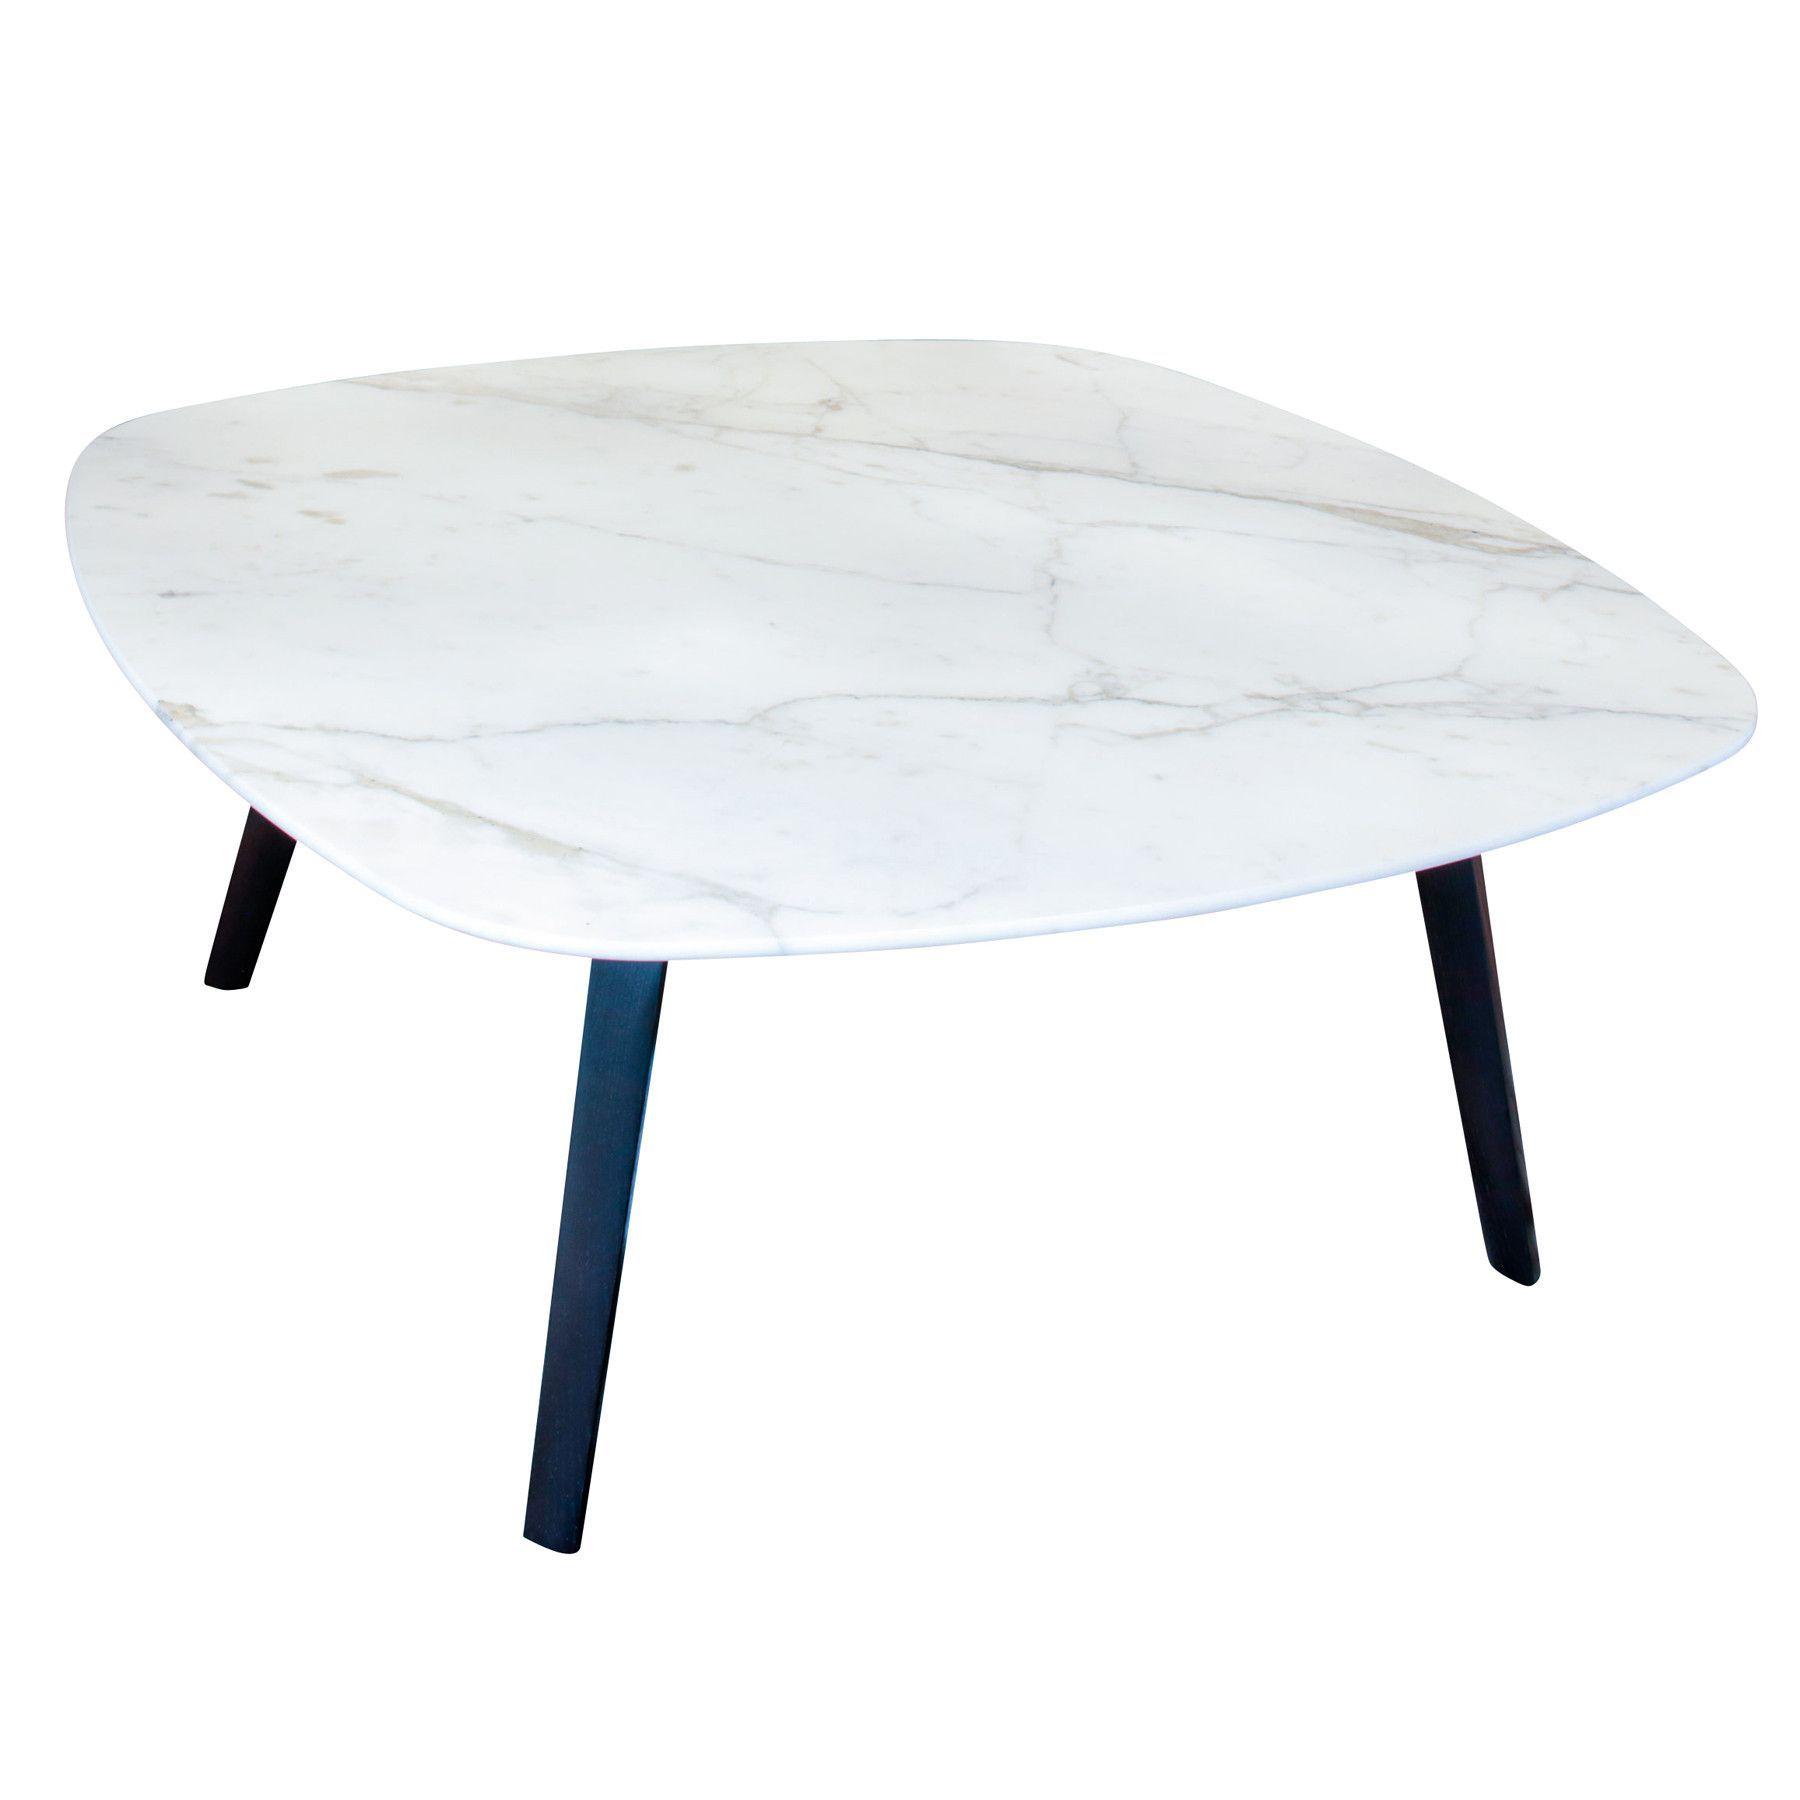 Fiorile Medium 36 Square Coffee Table Poltrona Frau Coffee Table Coffee Table Square Table